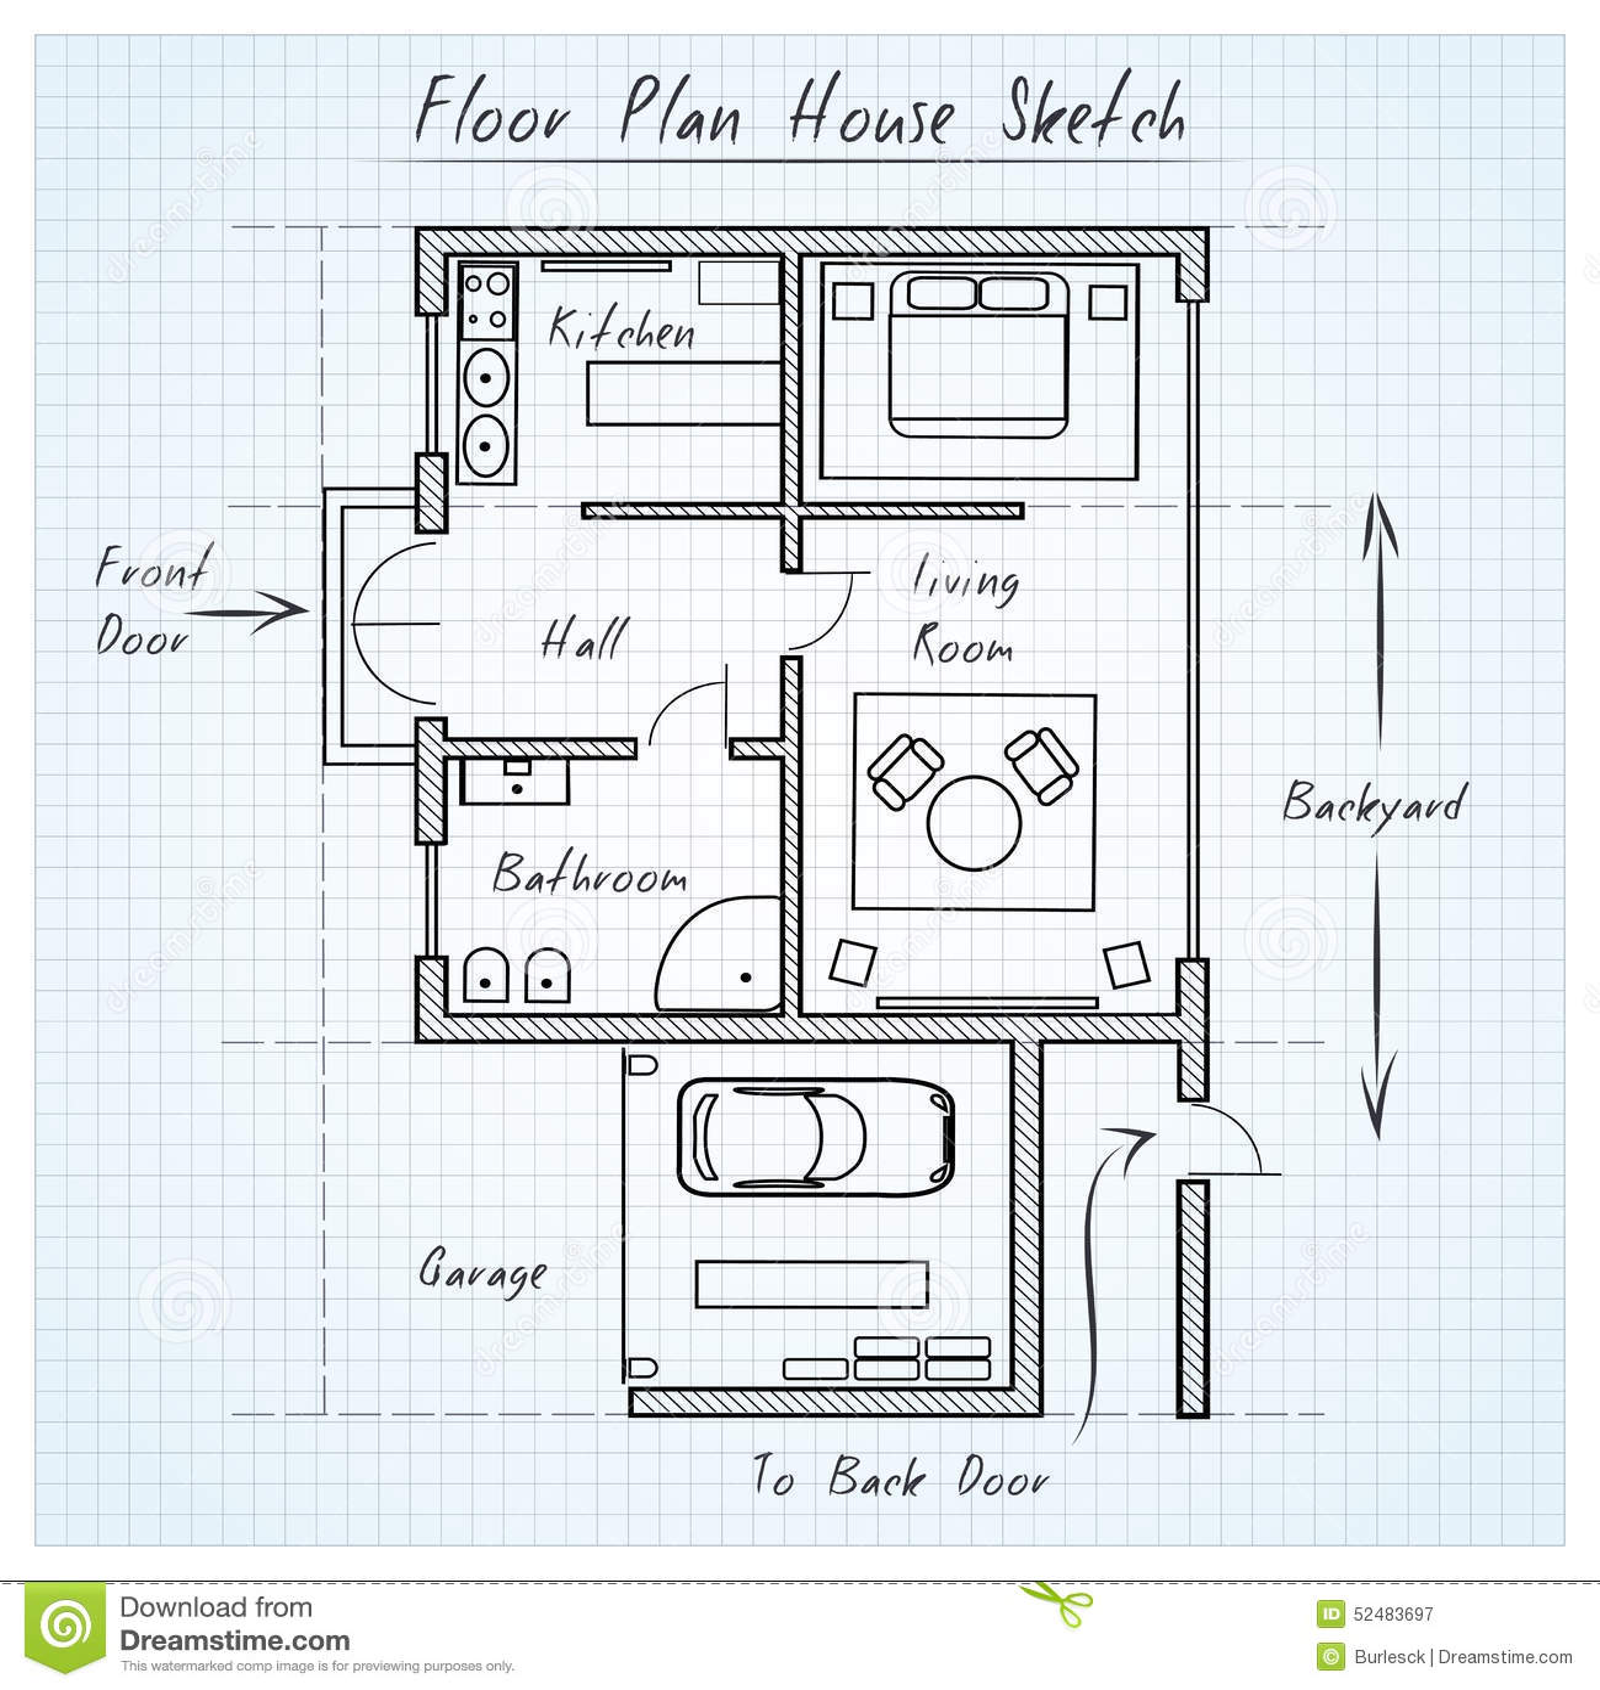 Schizzo della casa della pianta illustrazione vettoriale - Disegno pianta casa ...